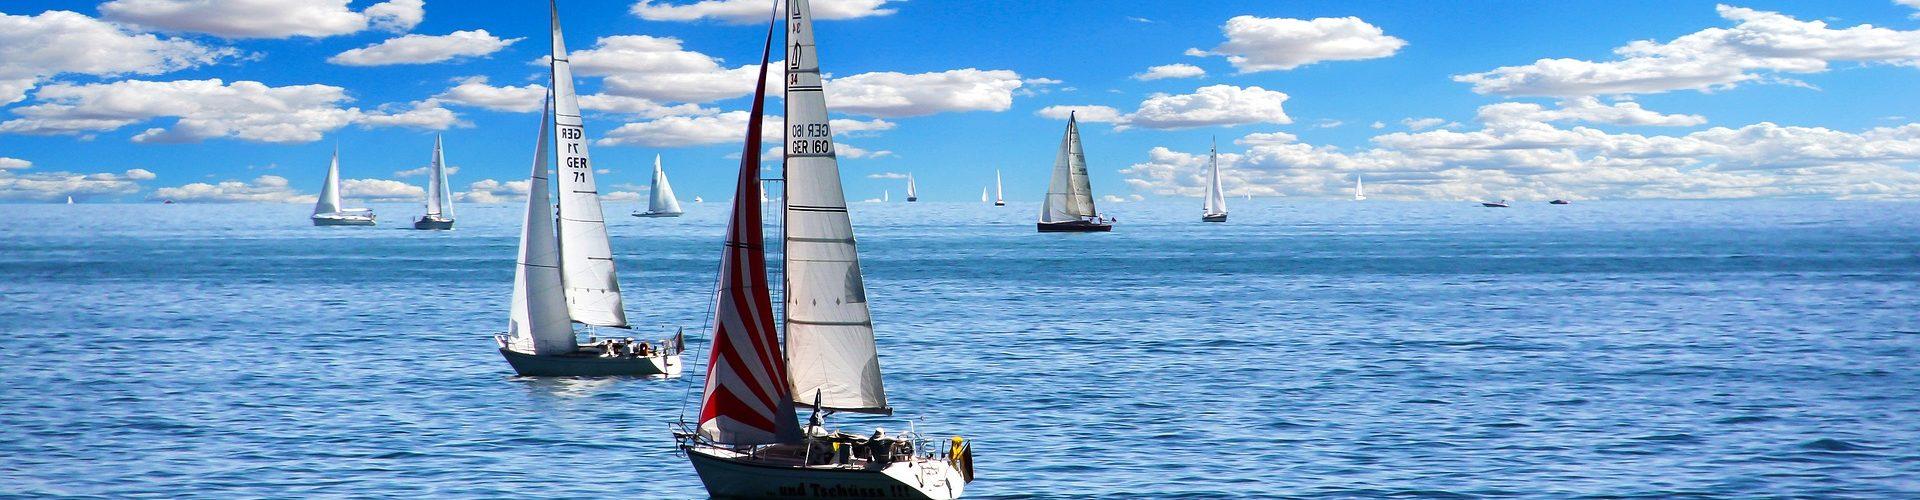 segeln lernen in Sipplingen segelschein machen in Sipplingen 1920x500 - Segeln lernen in Sipplingen